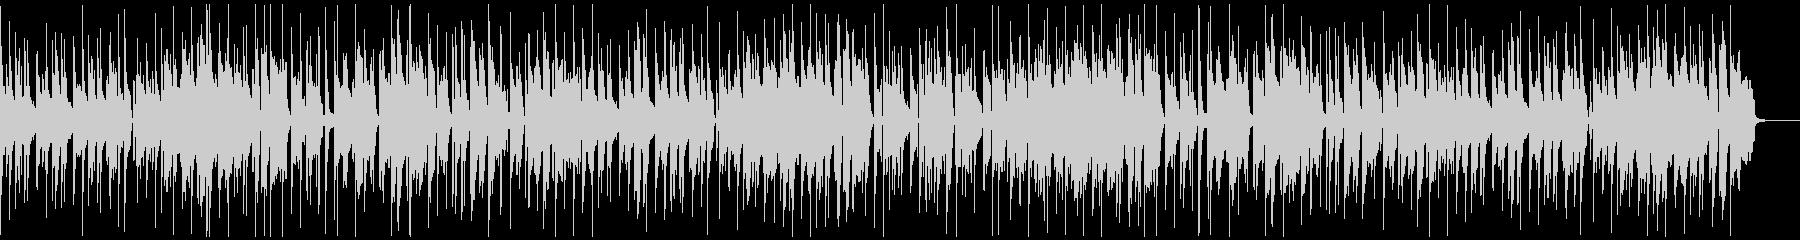 定番曲:ほのぼのとした日常Aの未再生の波形